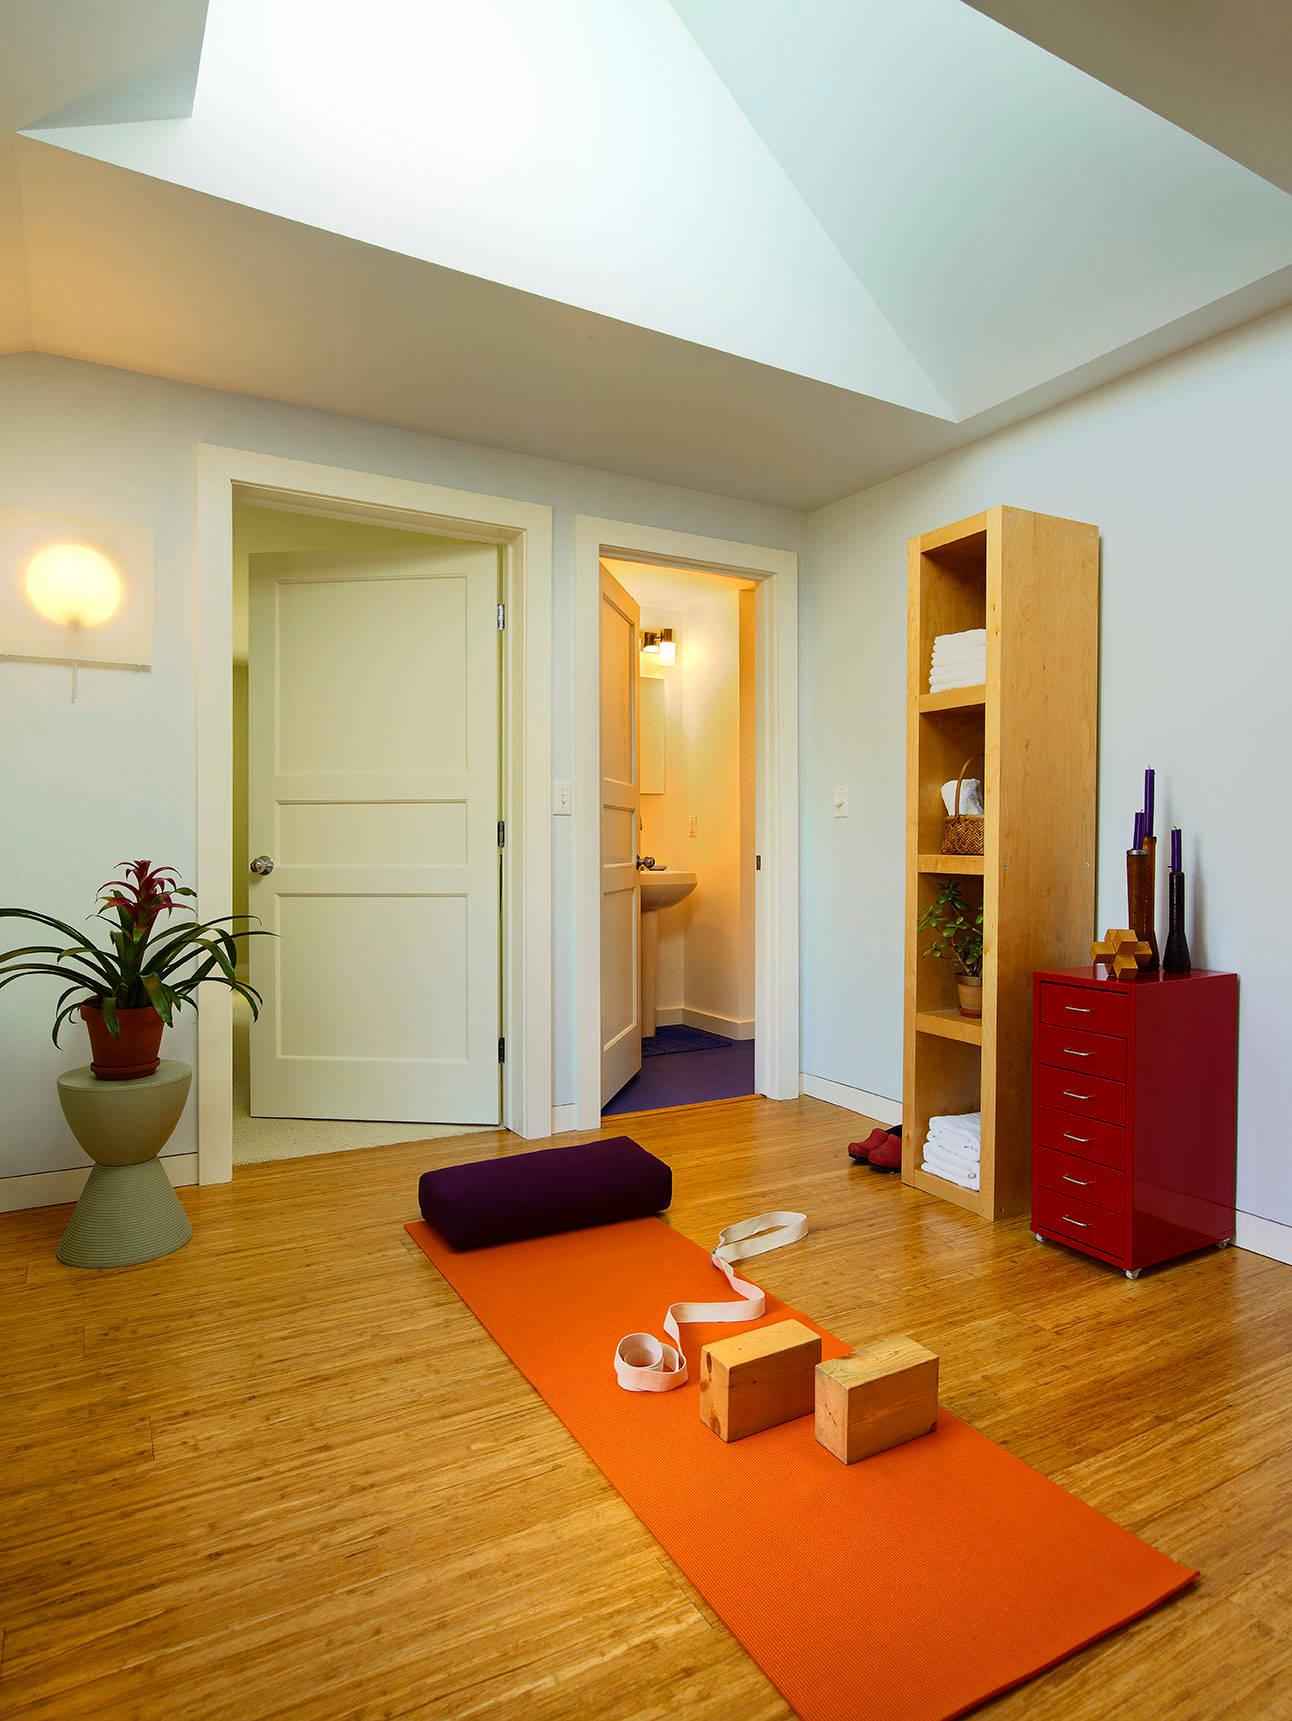 Yoga Zuhause 6 Einrichtungstipps Fur Einen Entspannten Yogaplatz